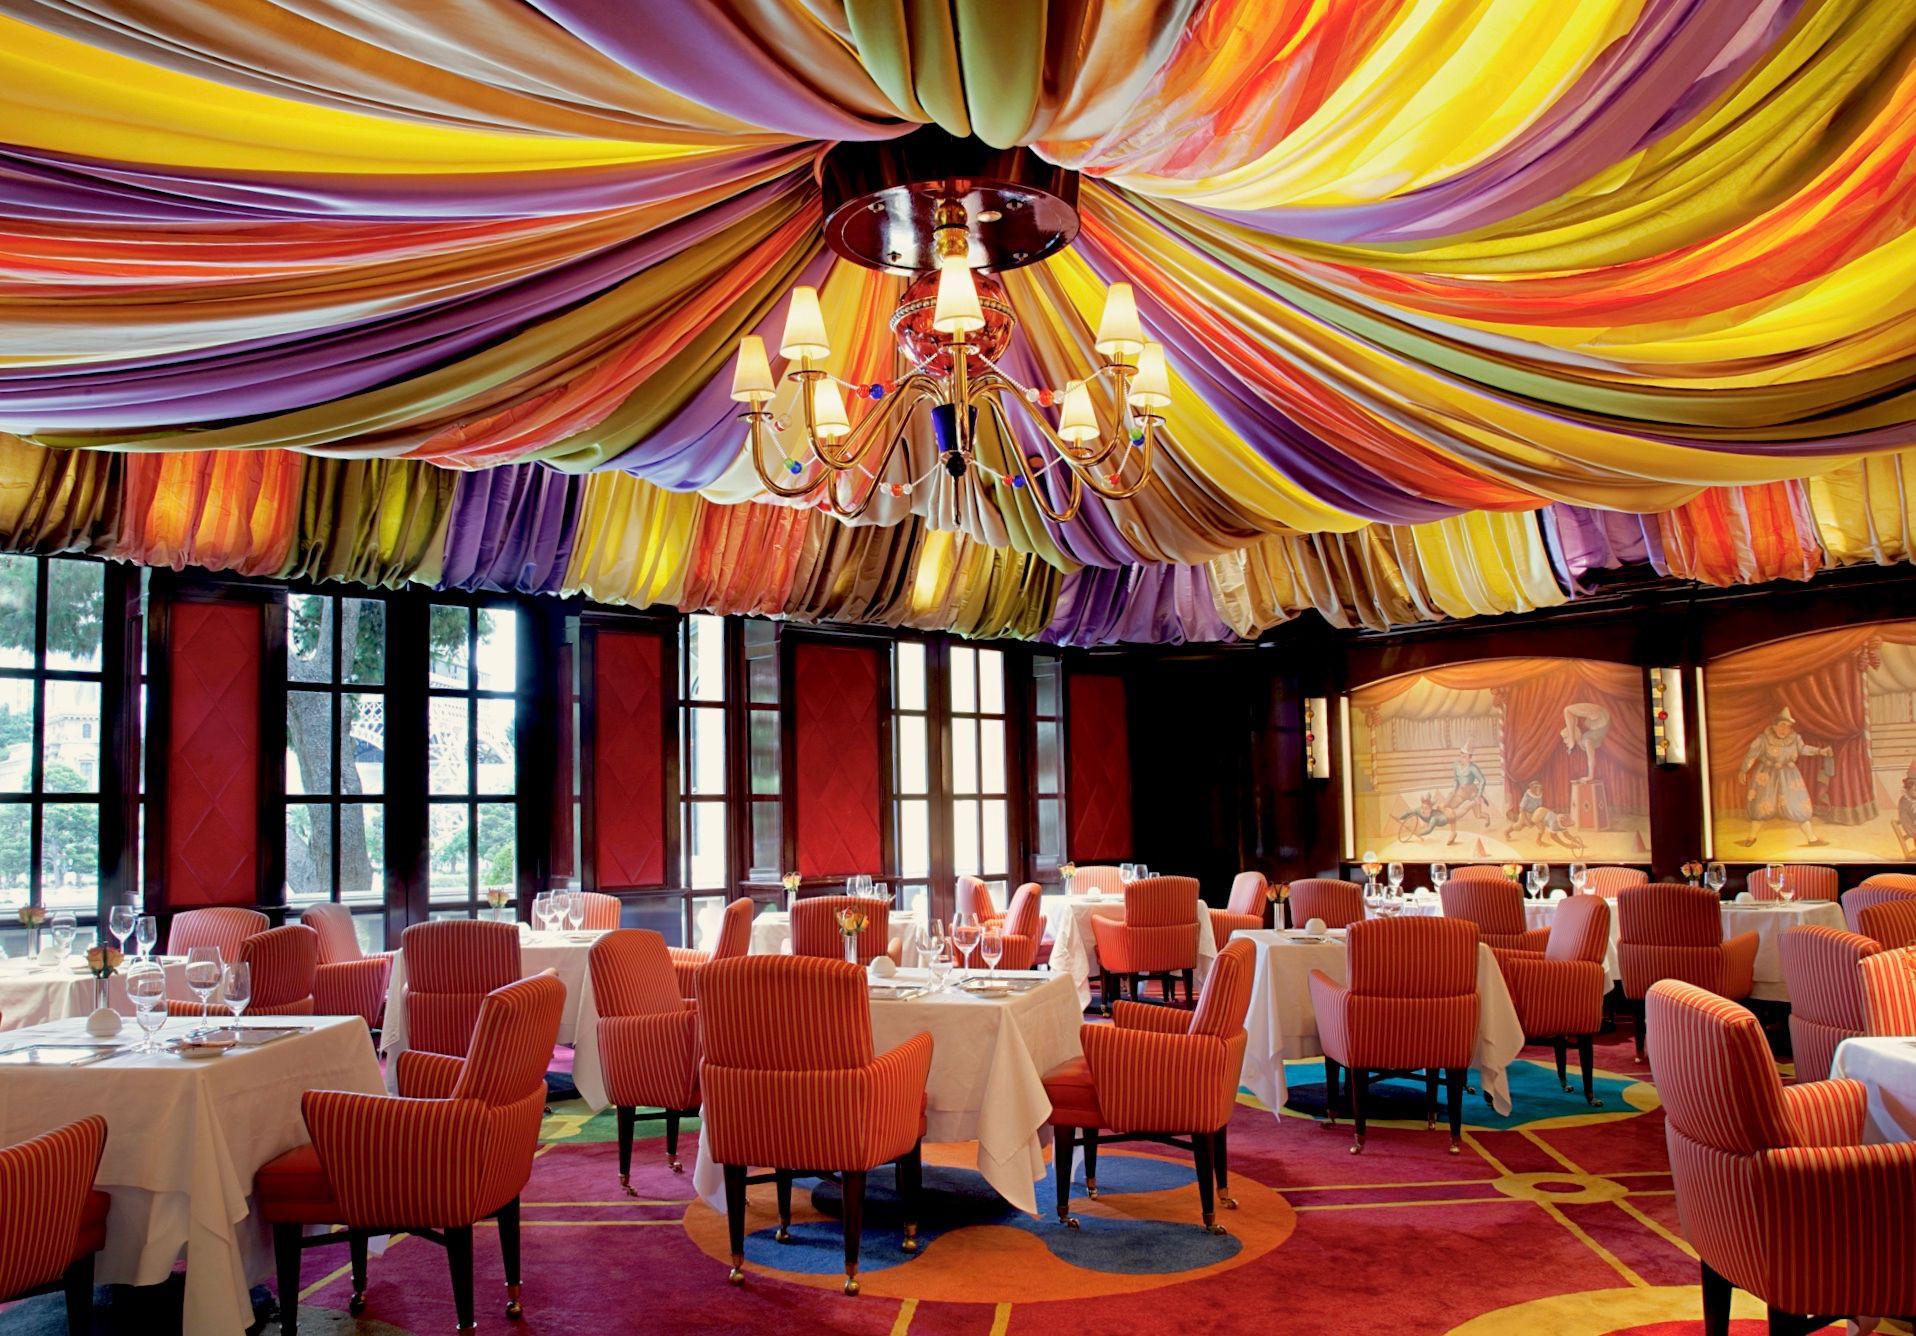 Le Cirque Restaurant Las Vegas Bellagio Hotel 58b65b663df78cdcd8b